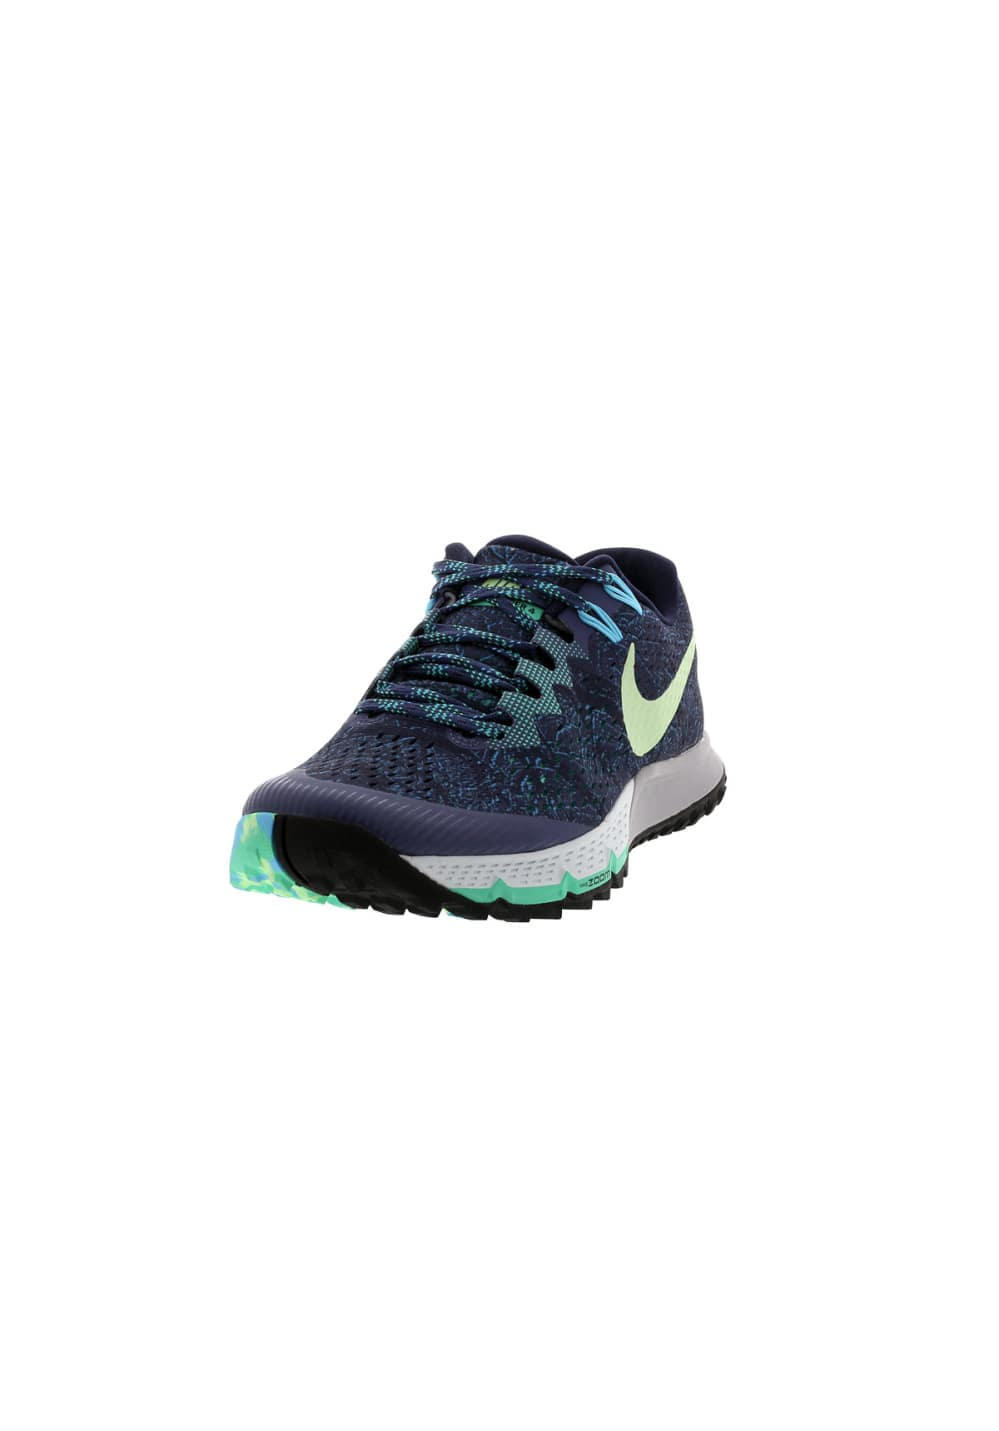 competitive price 7301a 39001 Nike Air Zoom Terra Kiger 4 - Laufschuhe für Damen - Blau   21RUN